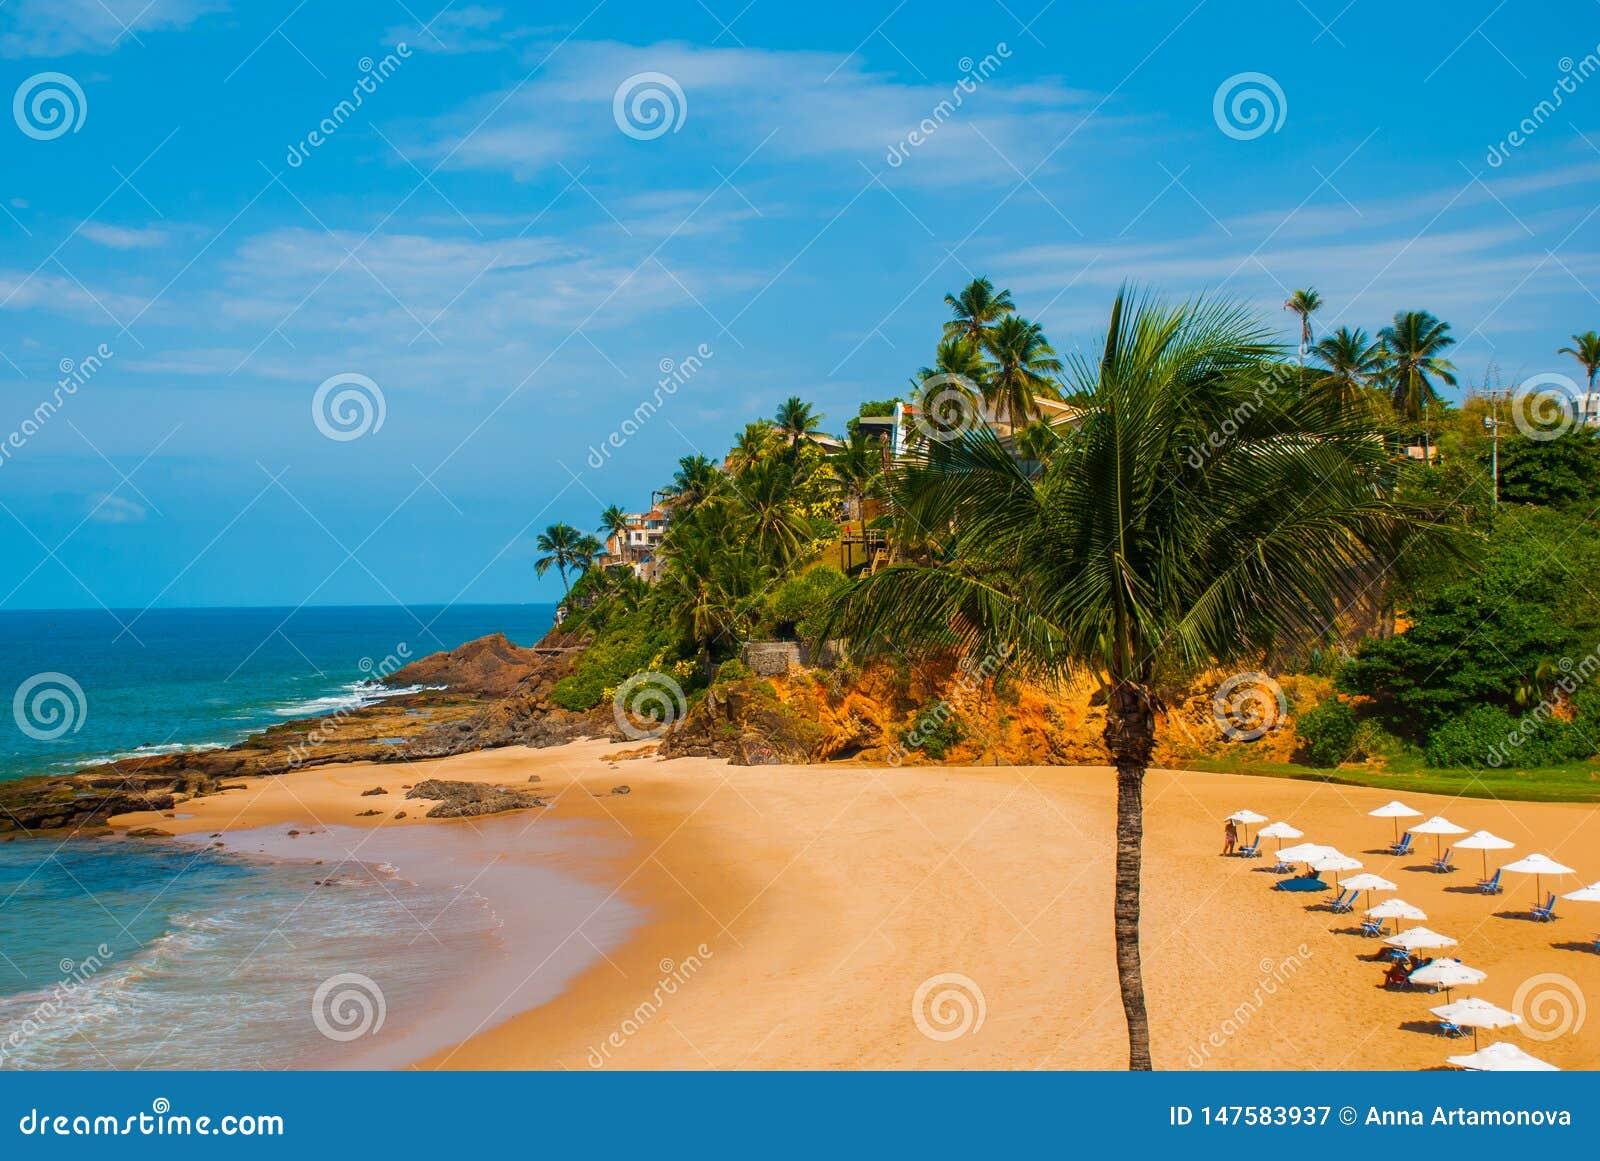 Praia brasileira com areia amarela e mar azul no tempo ensolarado brasil salvador ?m?rica do Sul